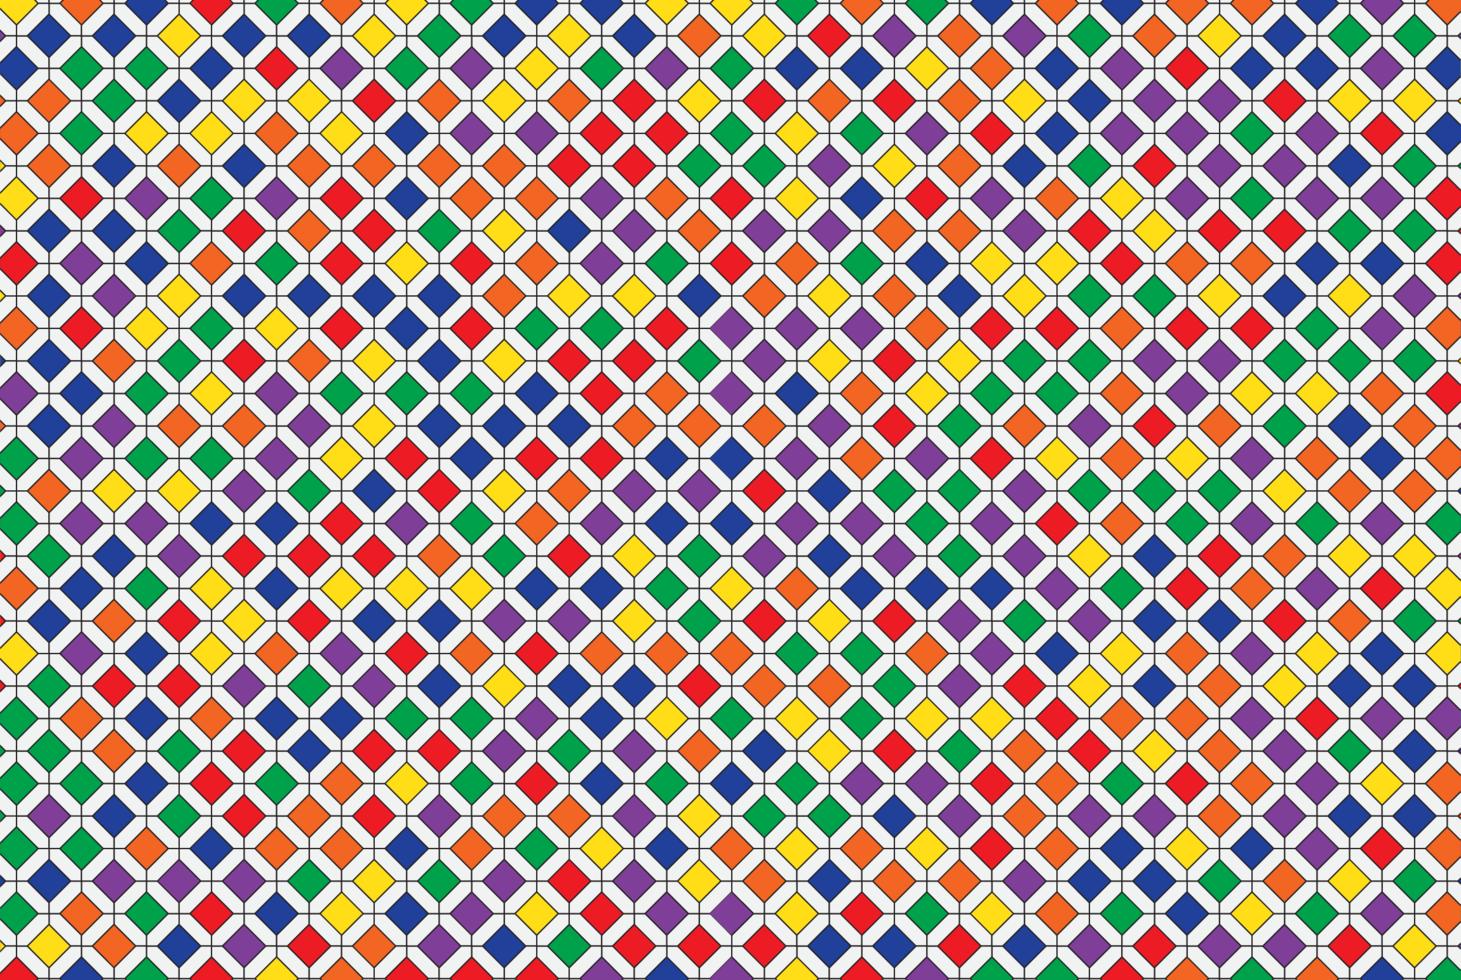 motif de mosaïque géométrique colorée vecteur